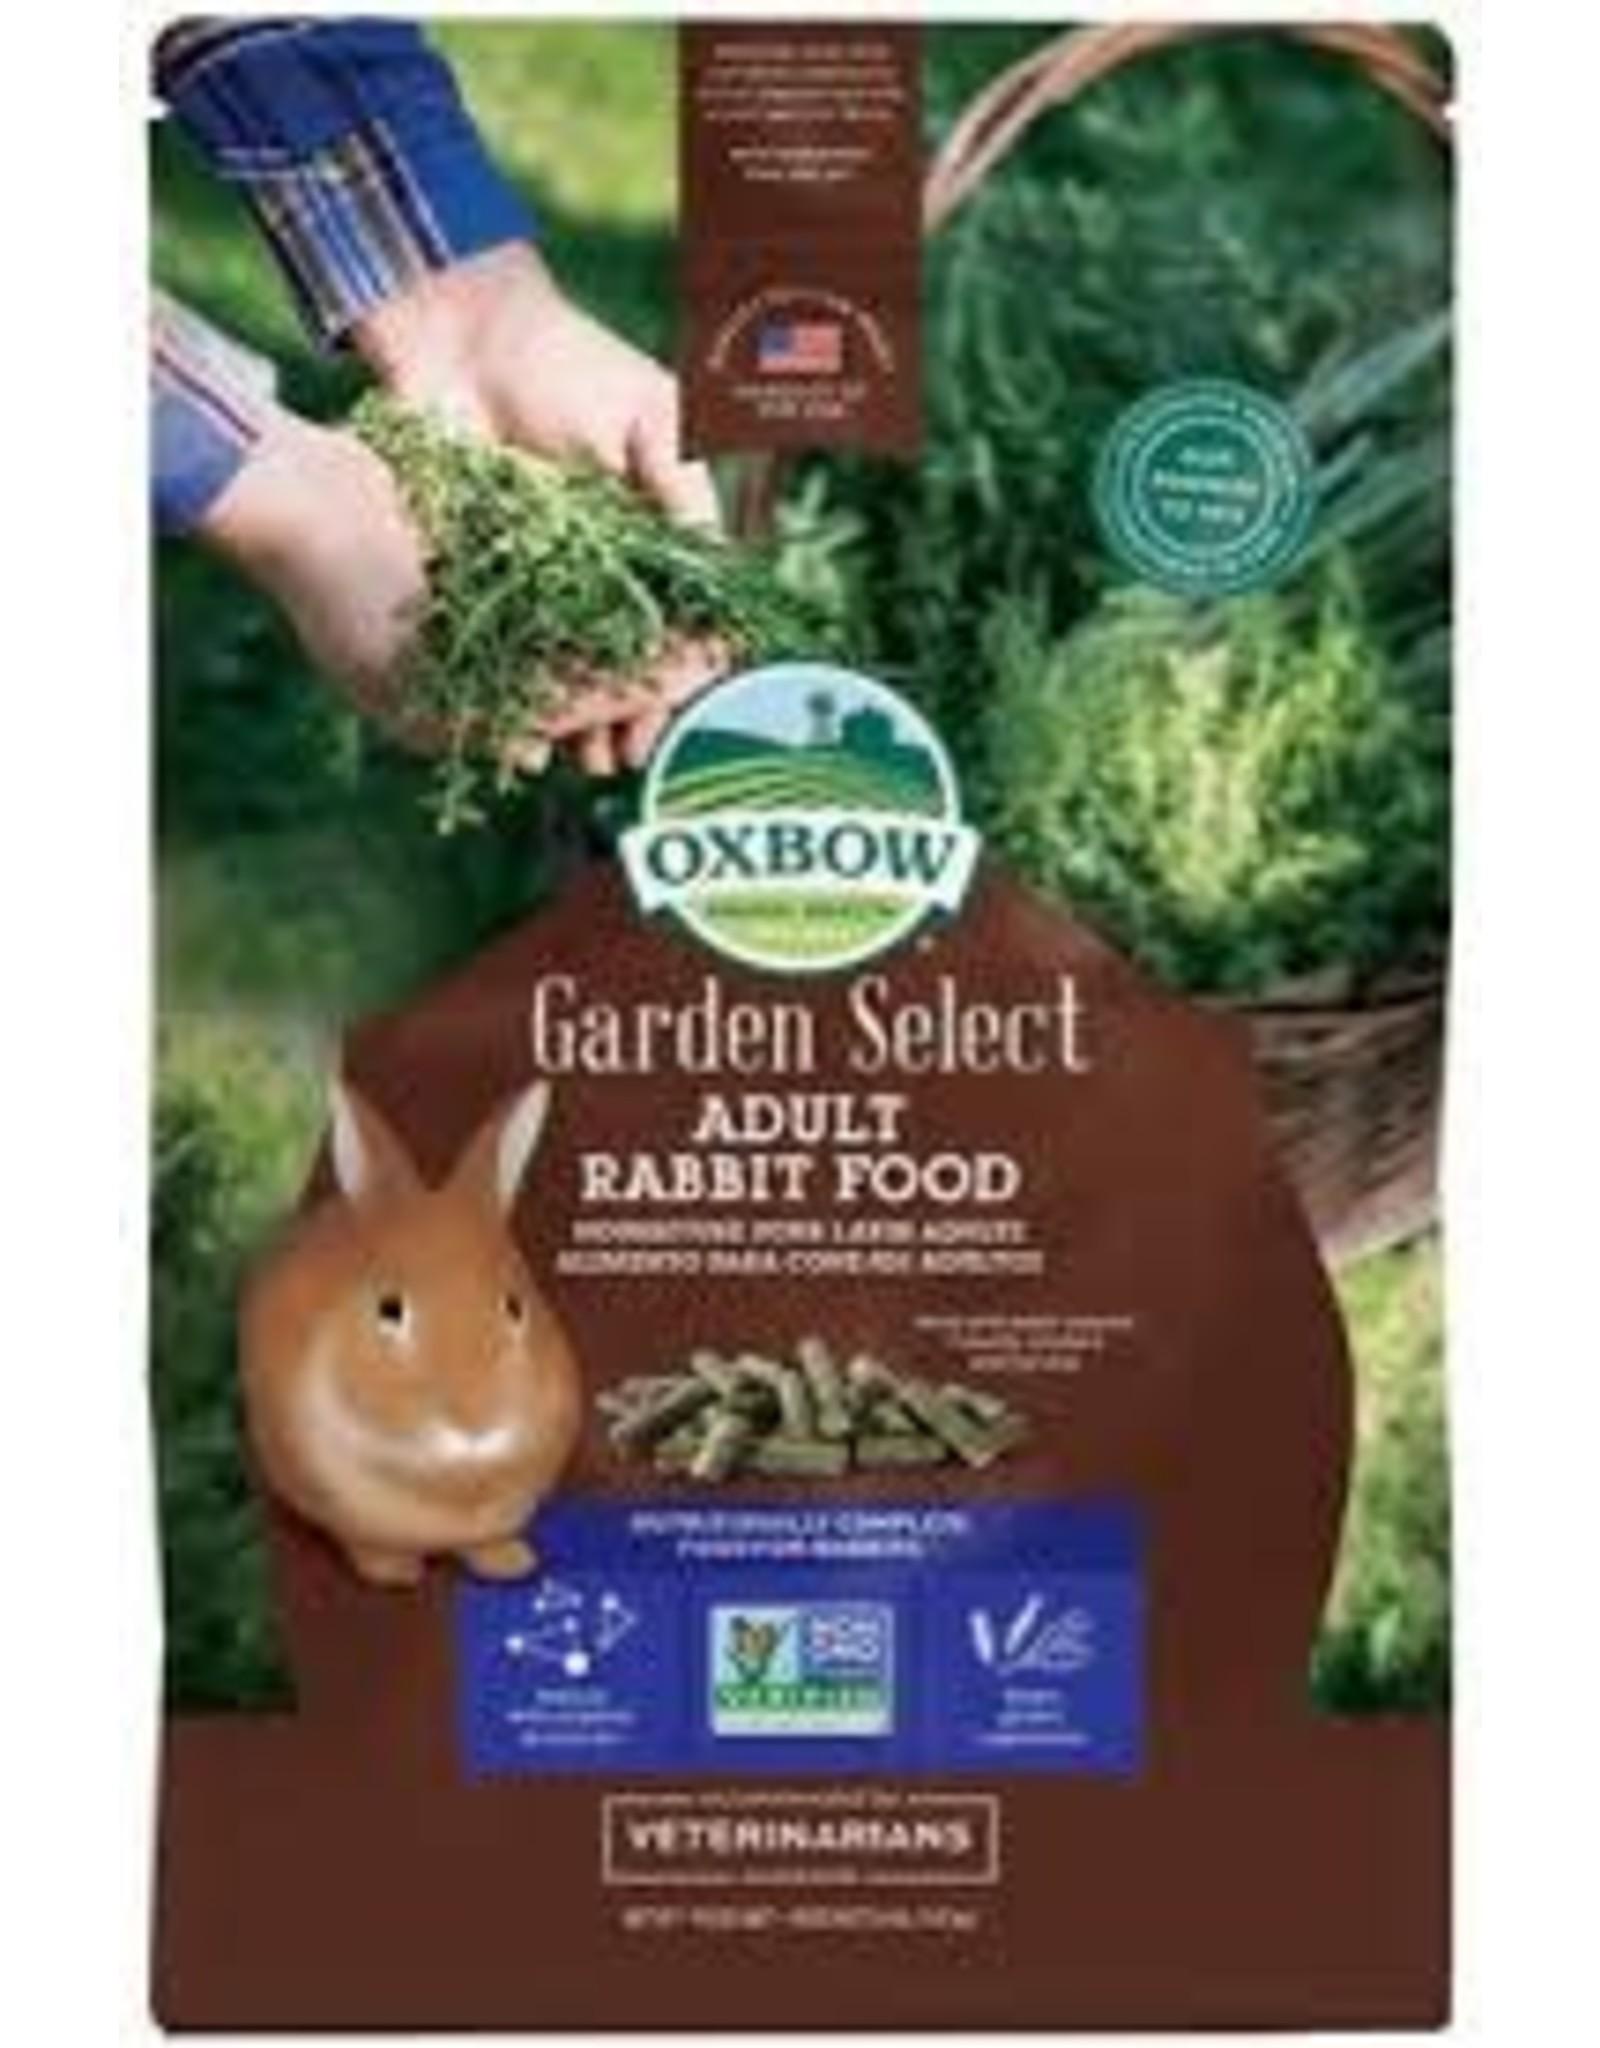 Oxbow Oxbow - Garden Select Adult Rabbit